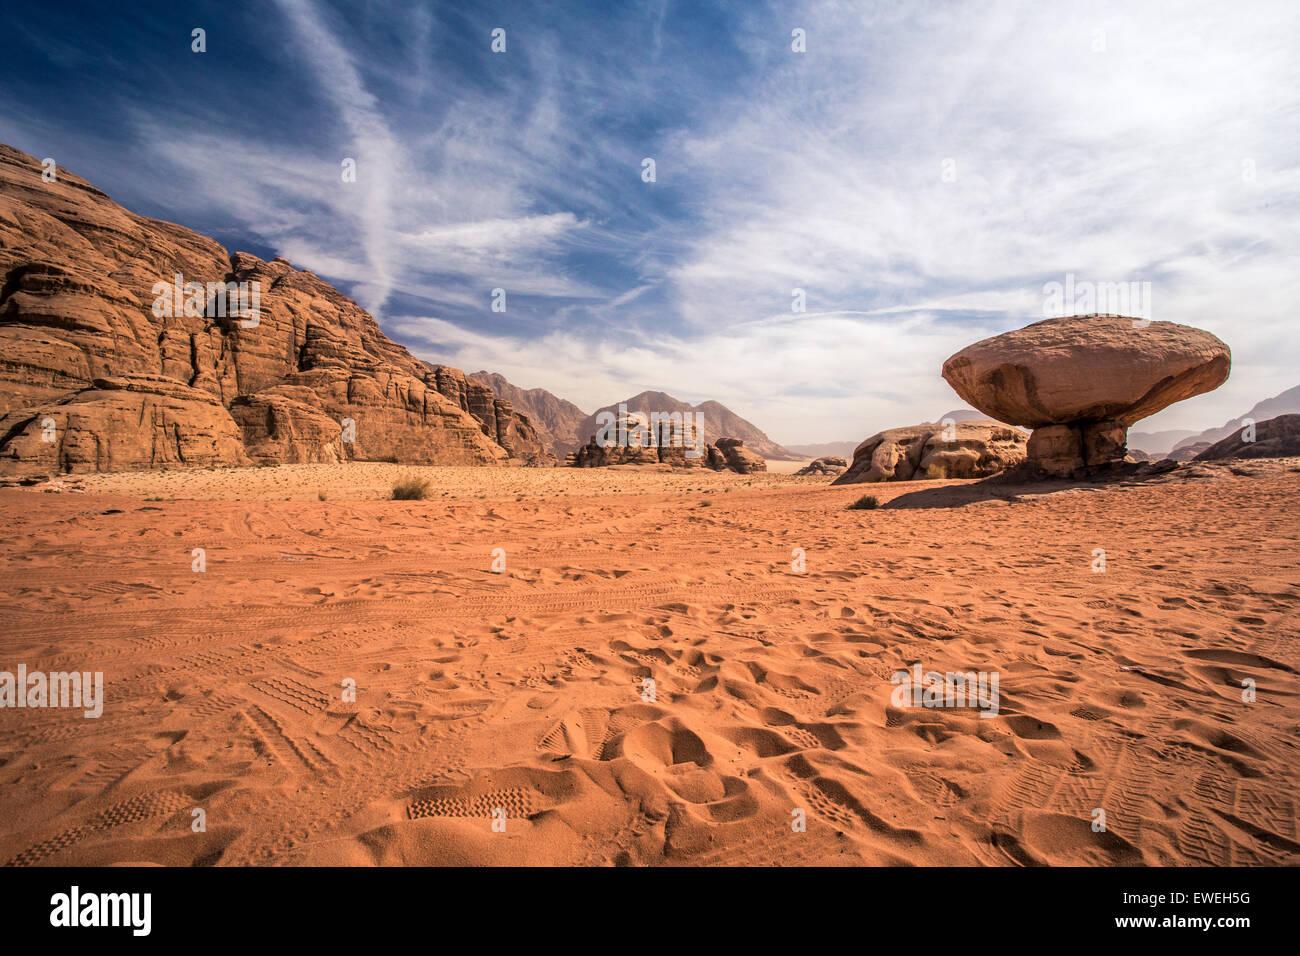 Scenic view of Wadi Rum desert, Jordan - Stock Image